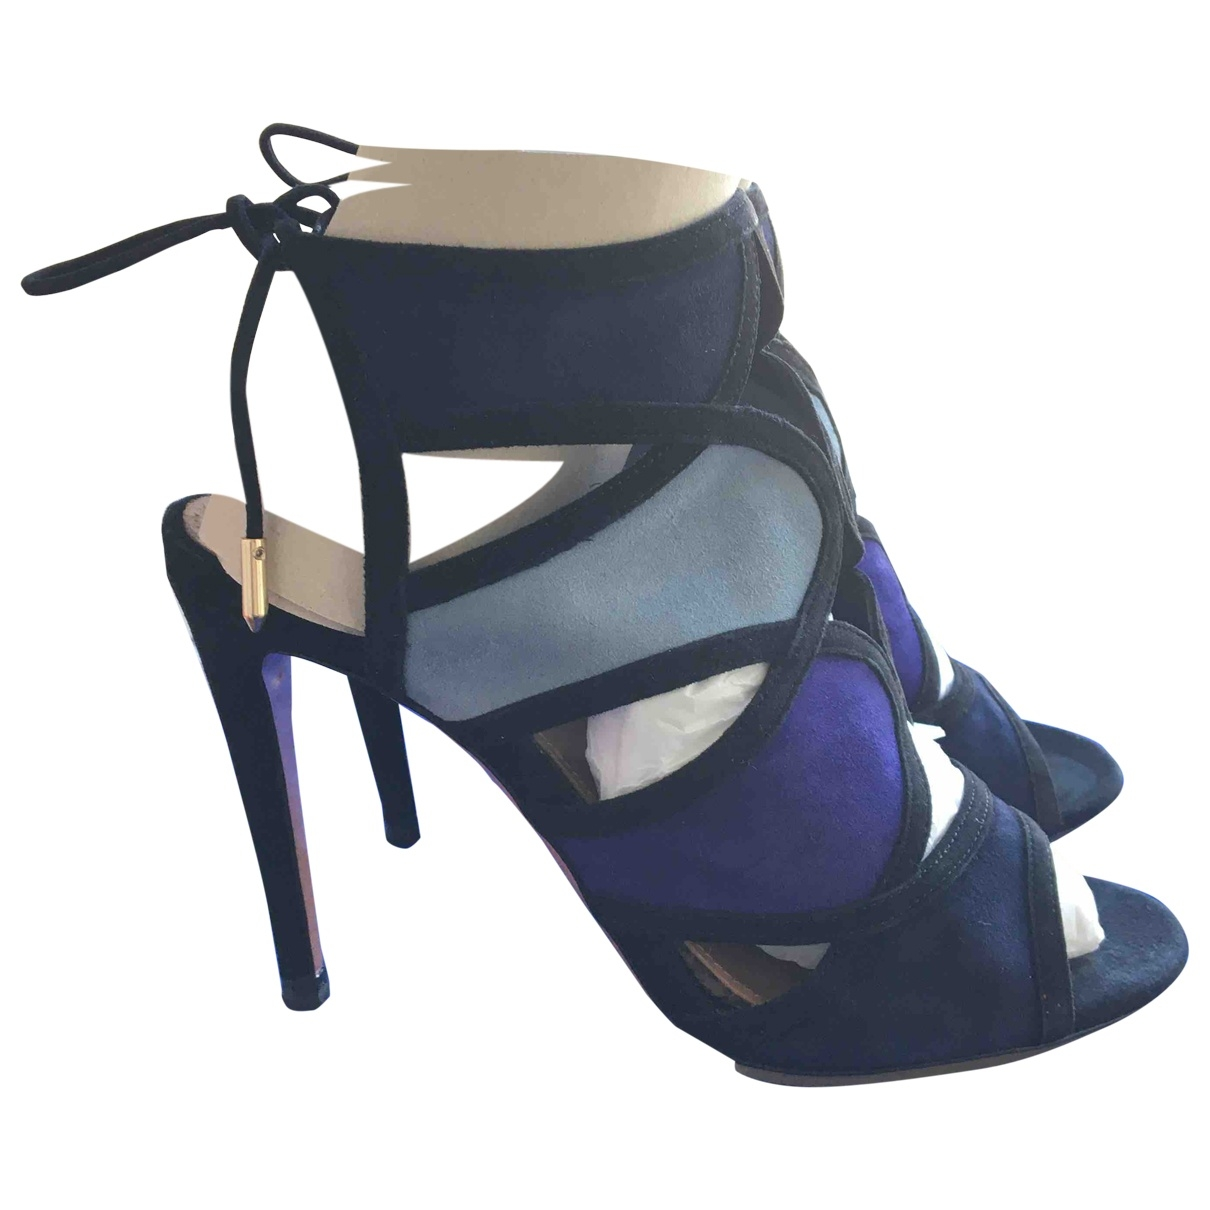 Aquazzura - Sandales   pour femme en suede - noir